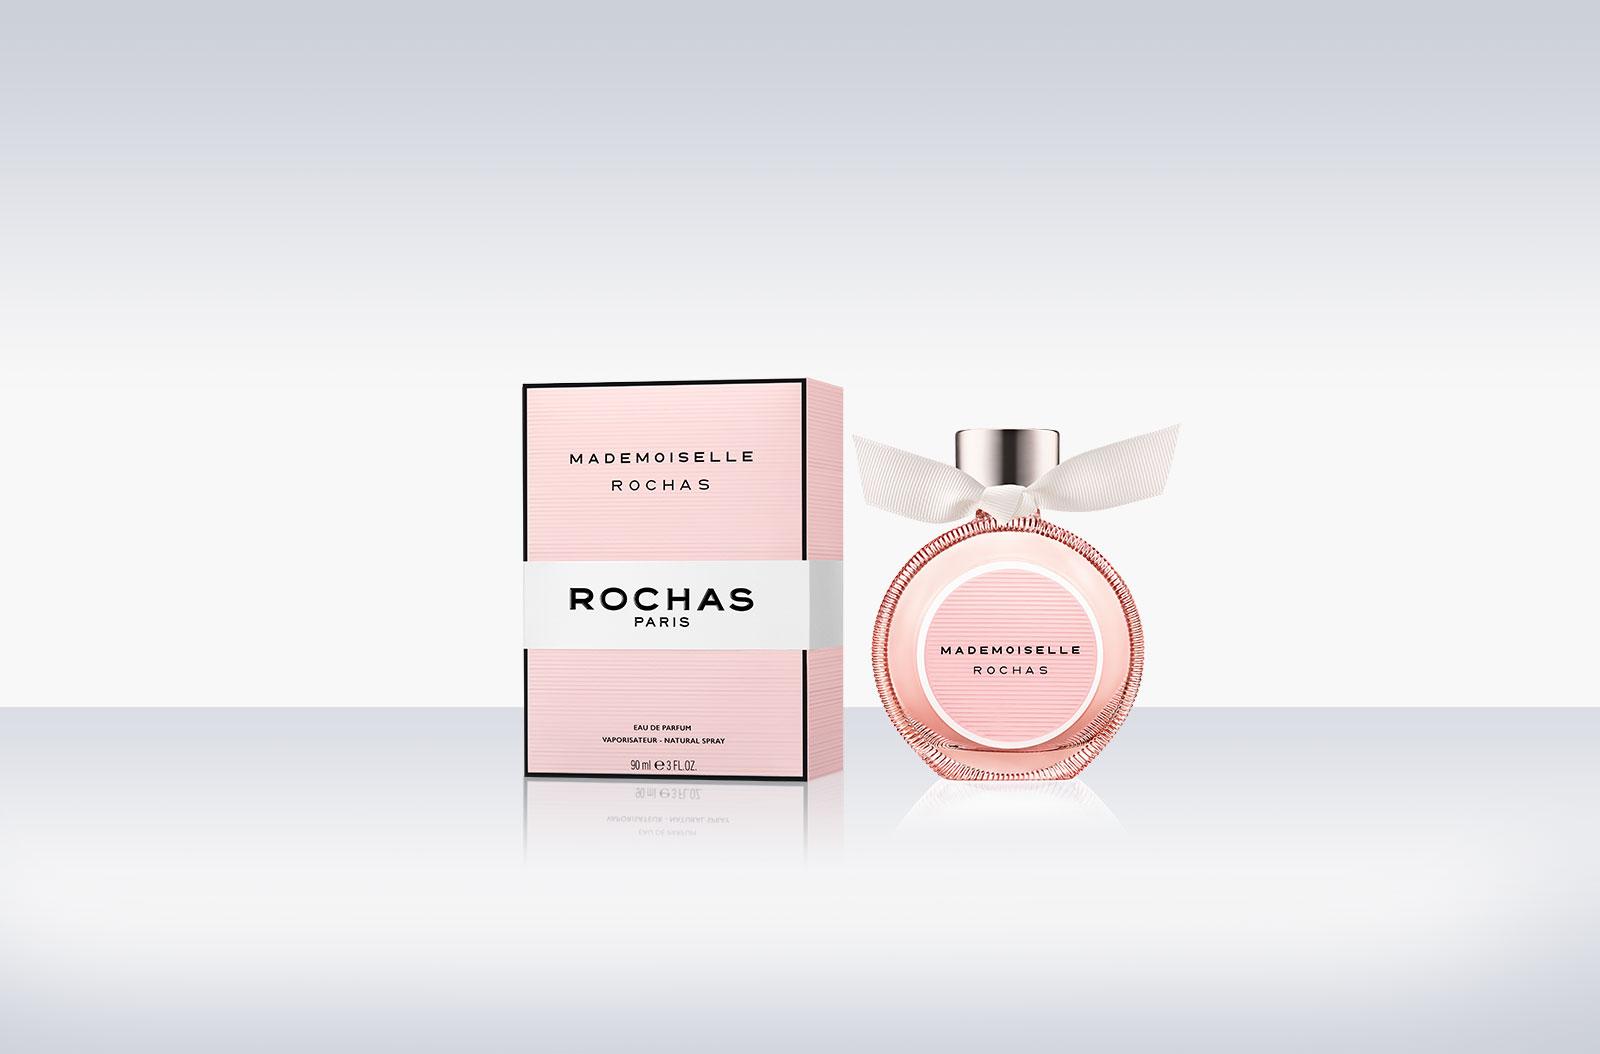 concours-gagnez-parfum-mademoiselle-rochas-folkr